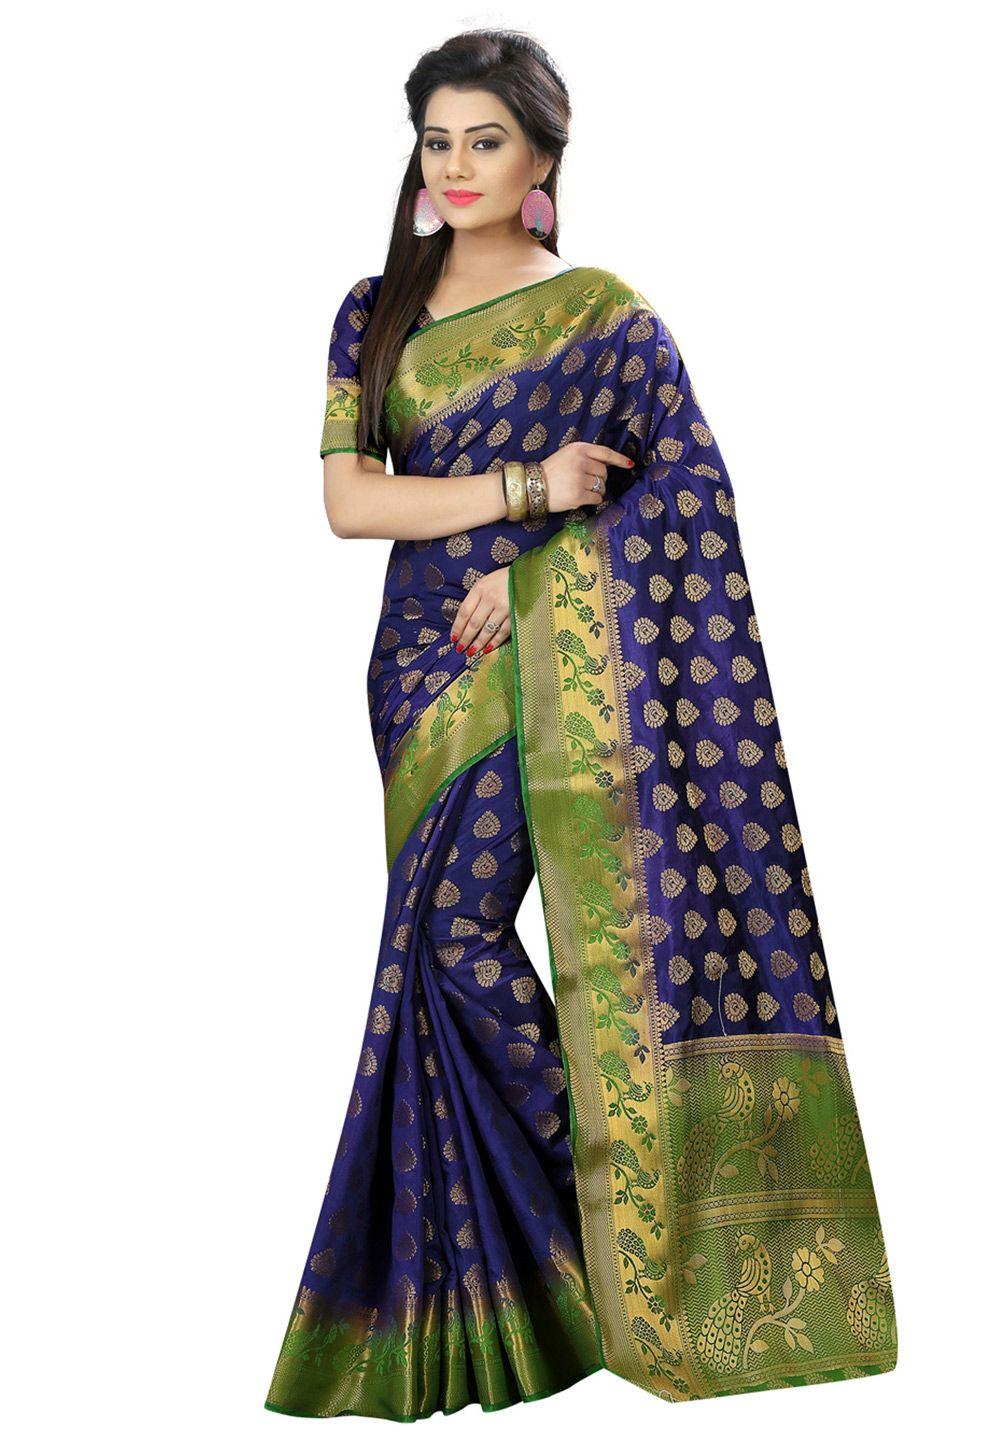 green saree NAYLON BANDEJ Handloom Weaving Silk Saree And blouse for women,saree,saree for women,wedding saree,indian saree,sari,saris